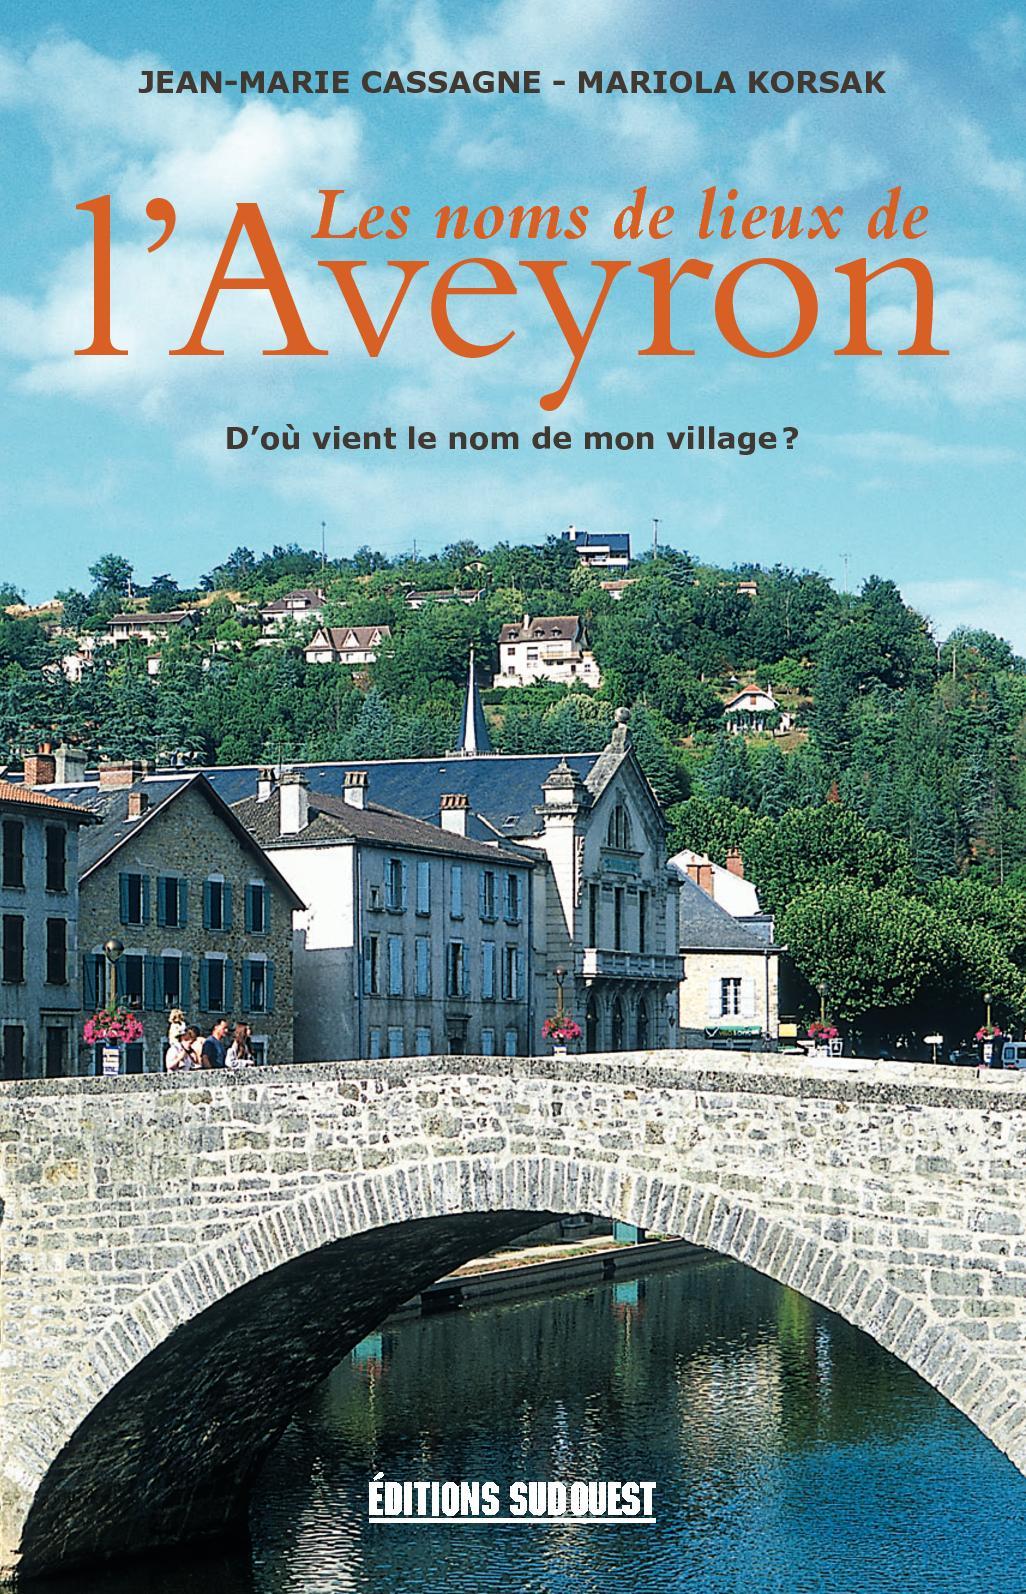 Les noms de lieux de l'Aveyron